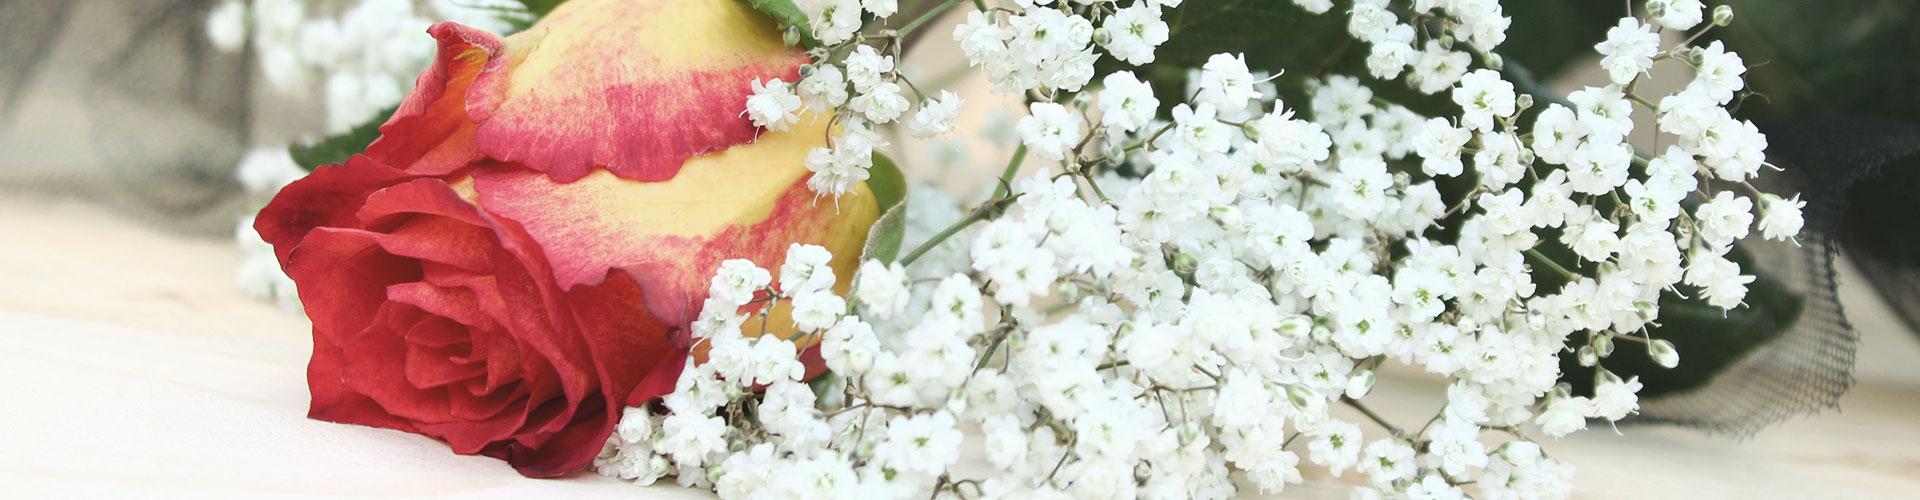 Nahaufnahme von Blumenschmuck